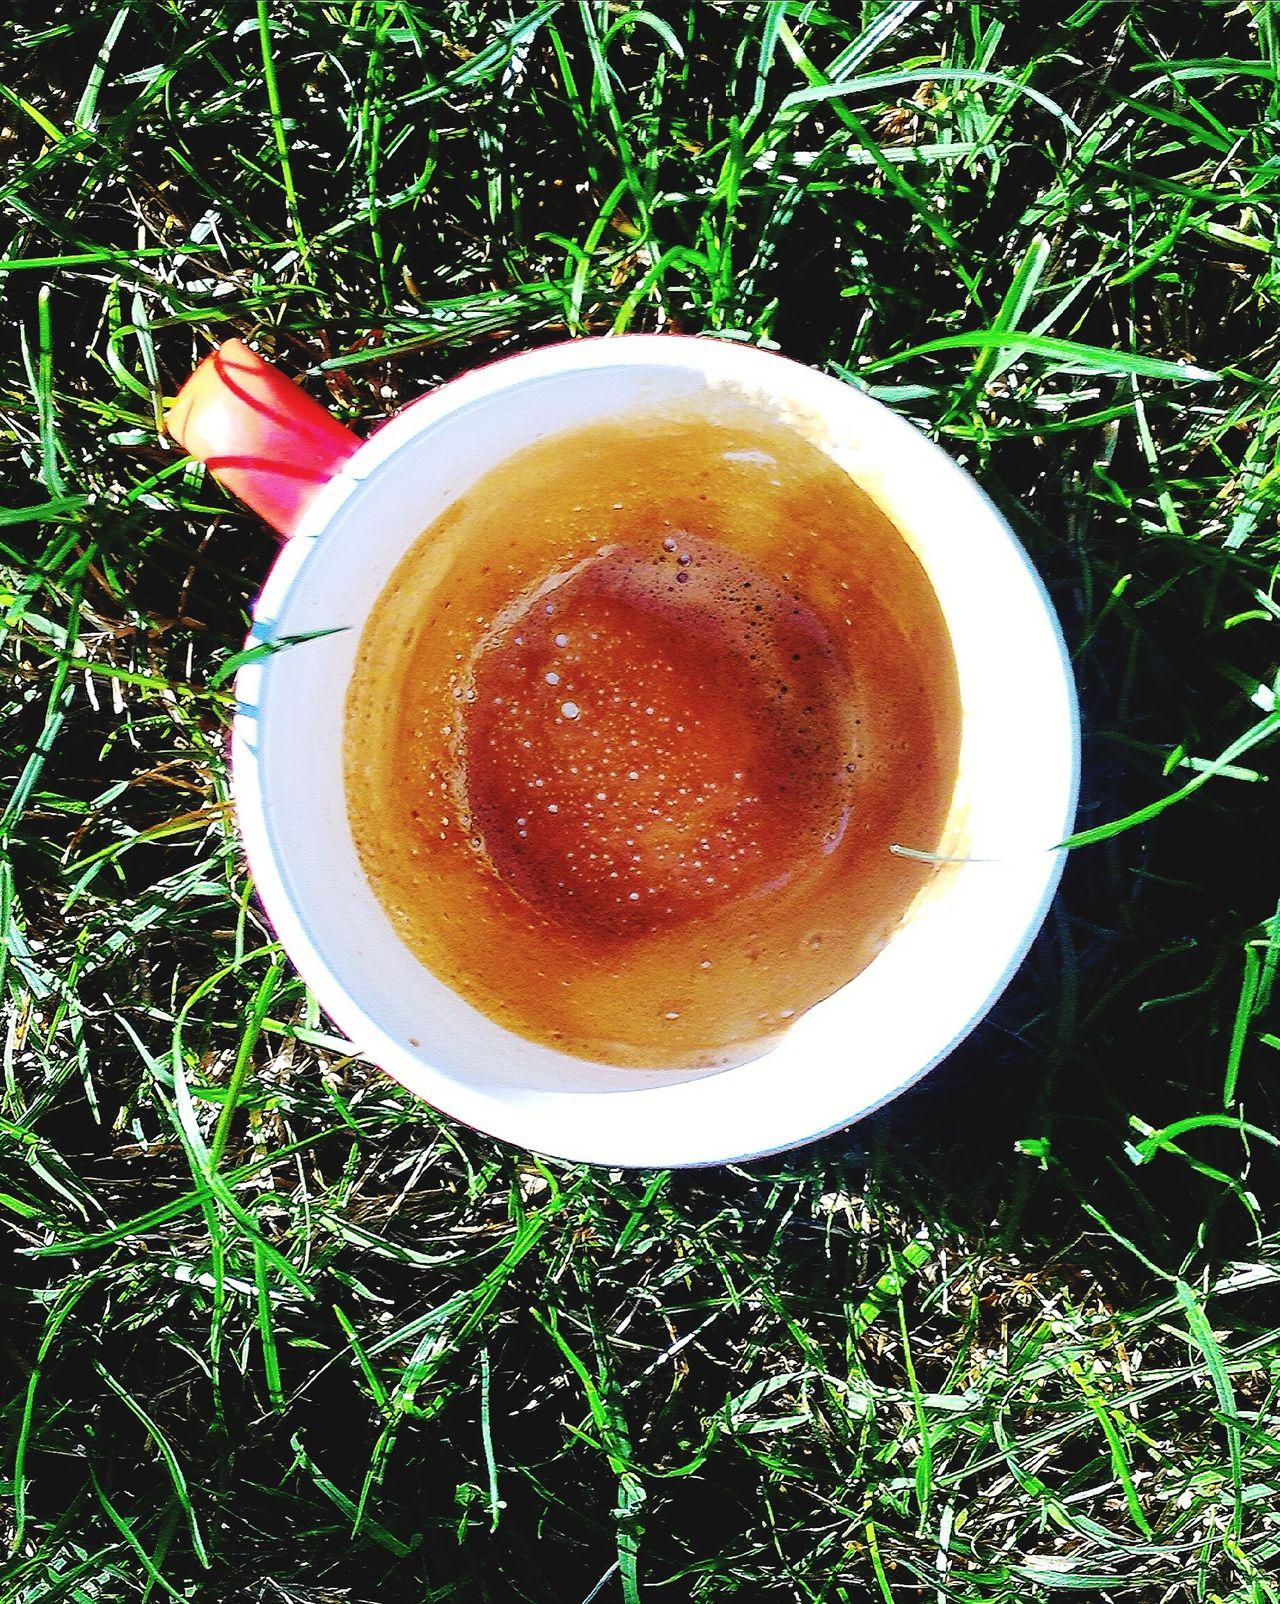 Caffè Uovo Coffee Egg Tondo Cerchio Circle Round Geometria Geometry Drink Bere Marrone Brown Mattina Morning Giardino Garden Erba Grass Colazione Breakfast Serenity Serenità